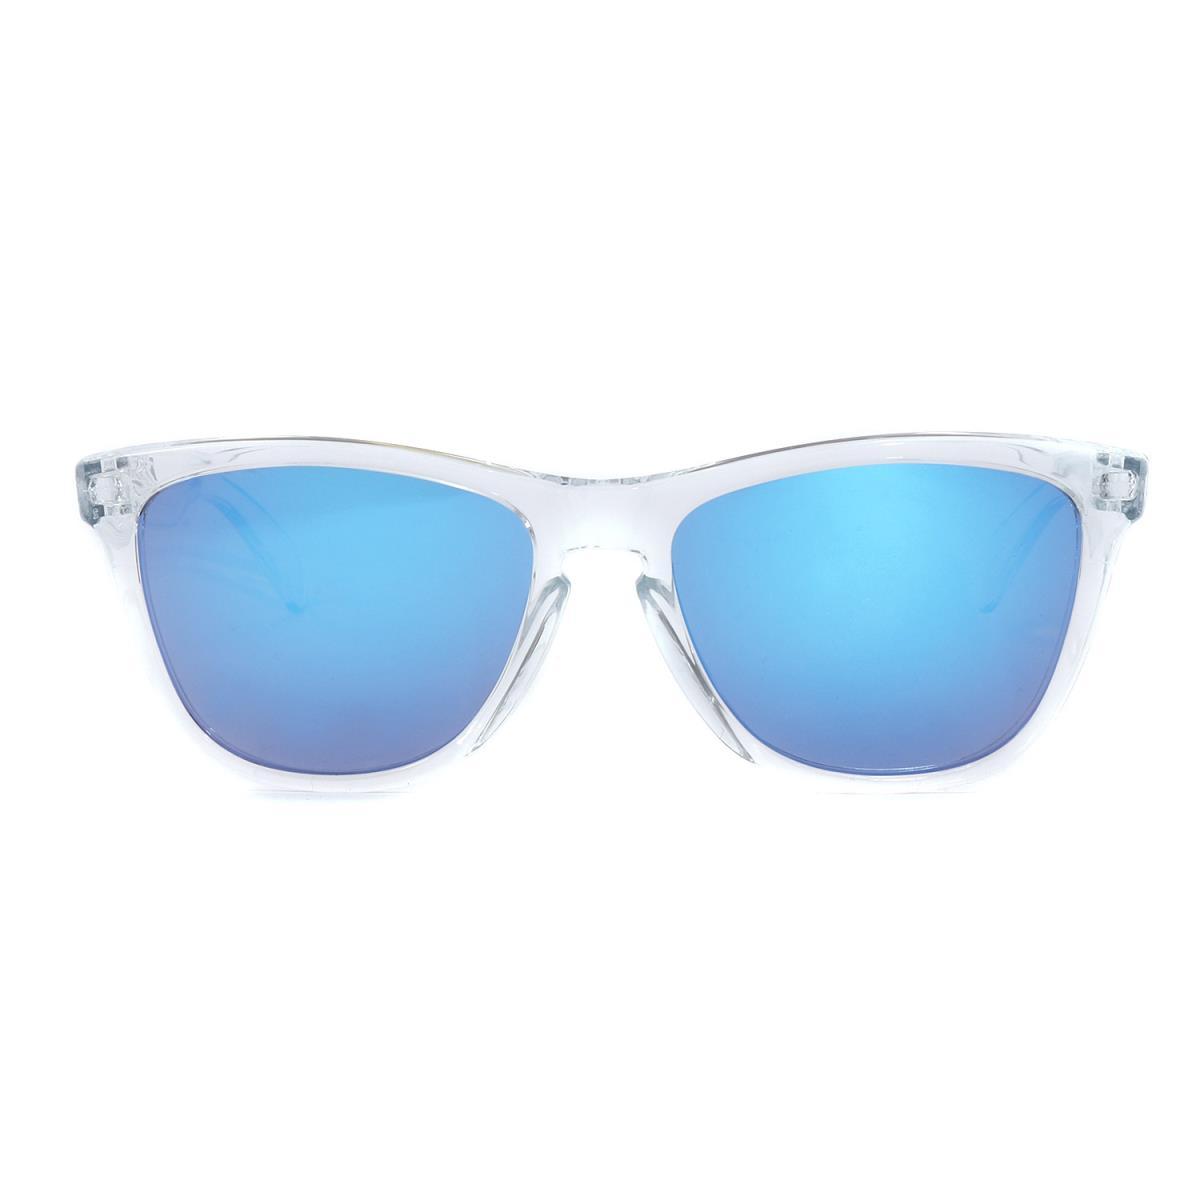 30a3489f65 OAKLEY (Oakley) frog skin polarizing lens sunglasses (FROGSKINS 24-305) clear  frame X violet lens 55 □ 17